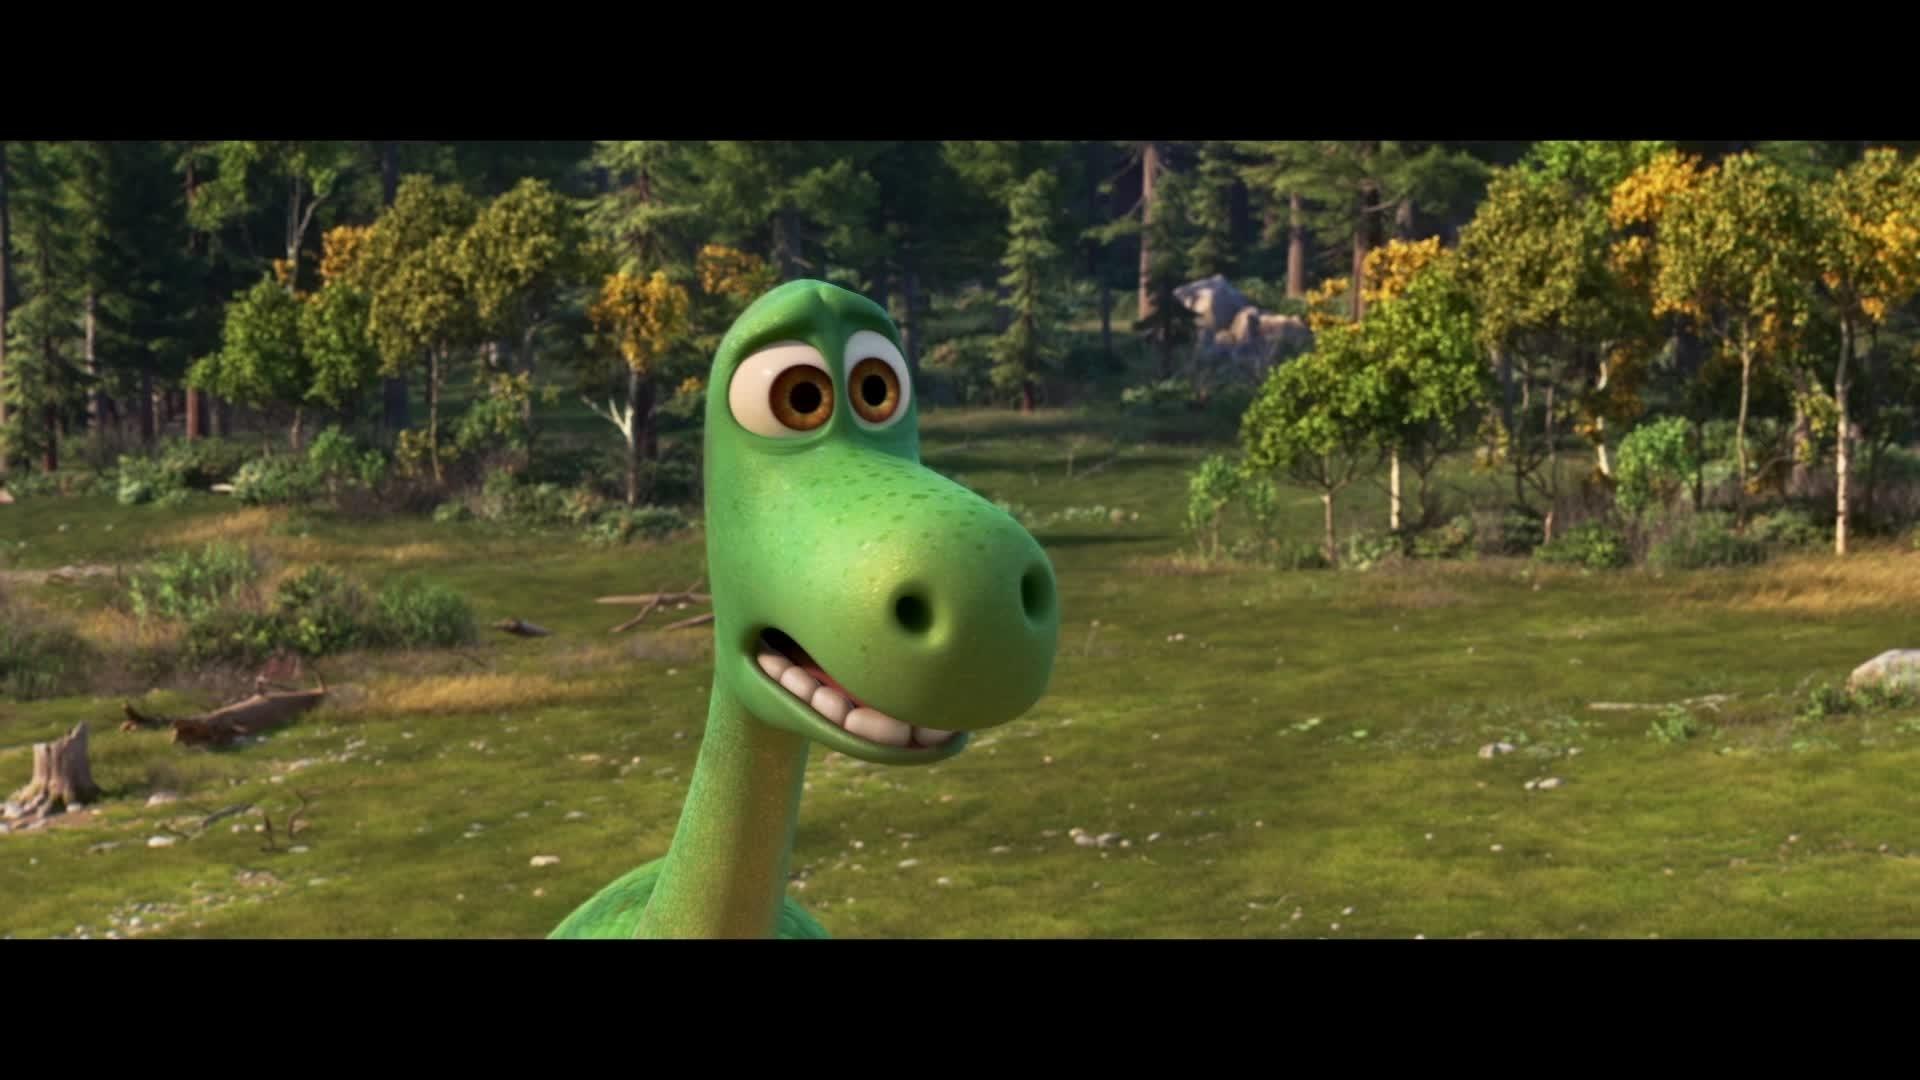 Le Voyage d'Arlo – Vie de Dino : Dis bonjour à mes petits amis